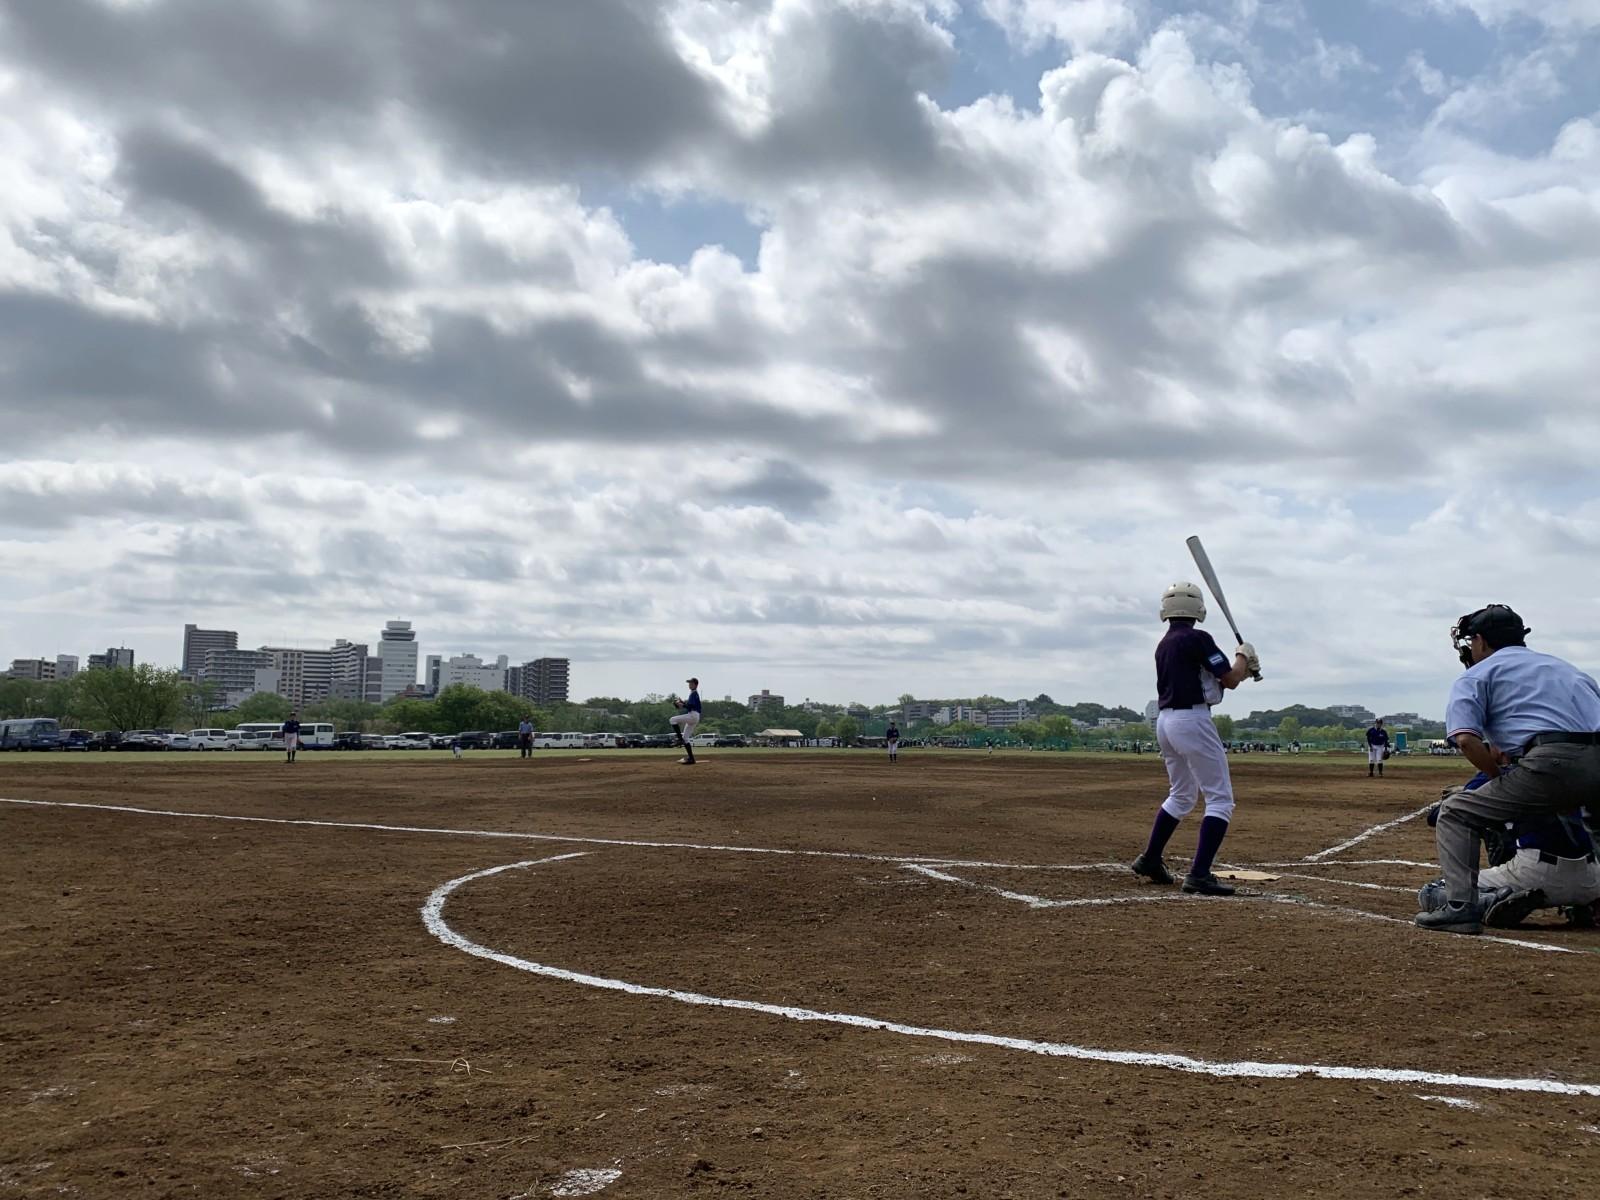 2019.05.04 2019年葛飾シニアルーキーズカップ 1回戦 足立中央リトルシニア戦